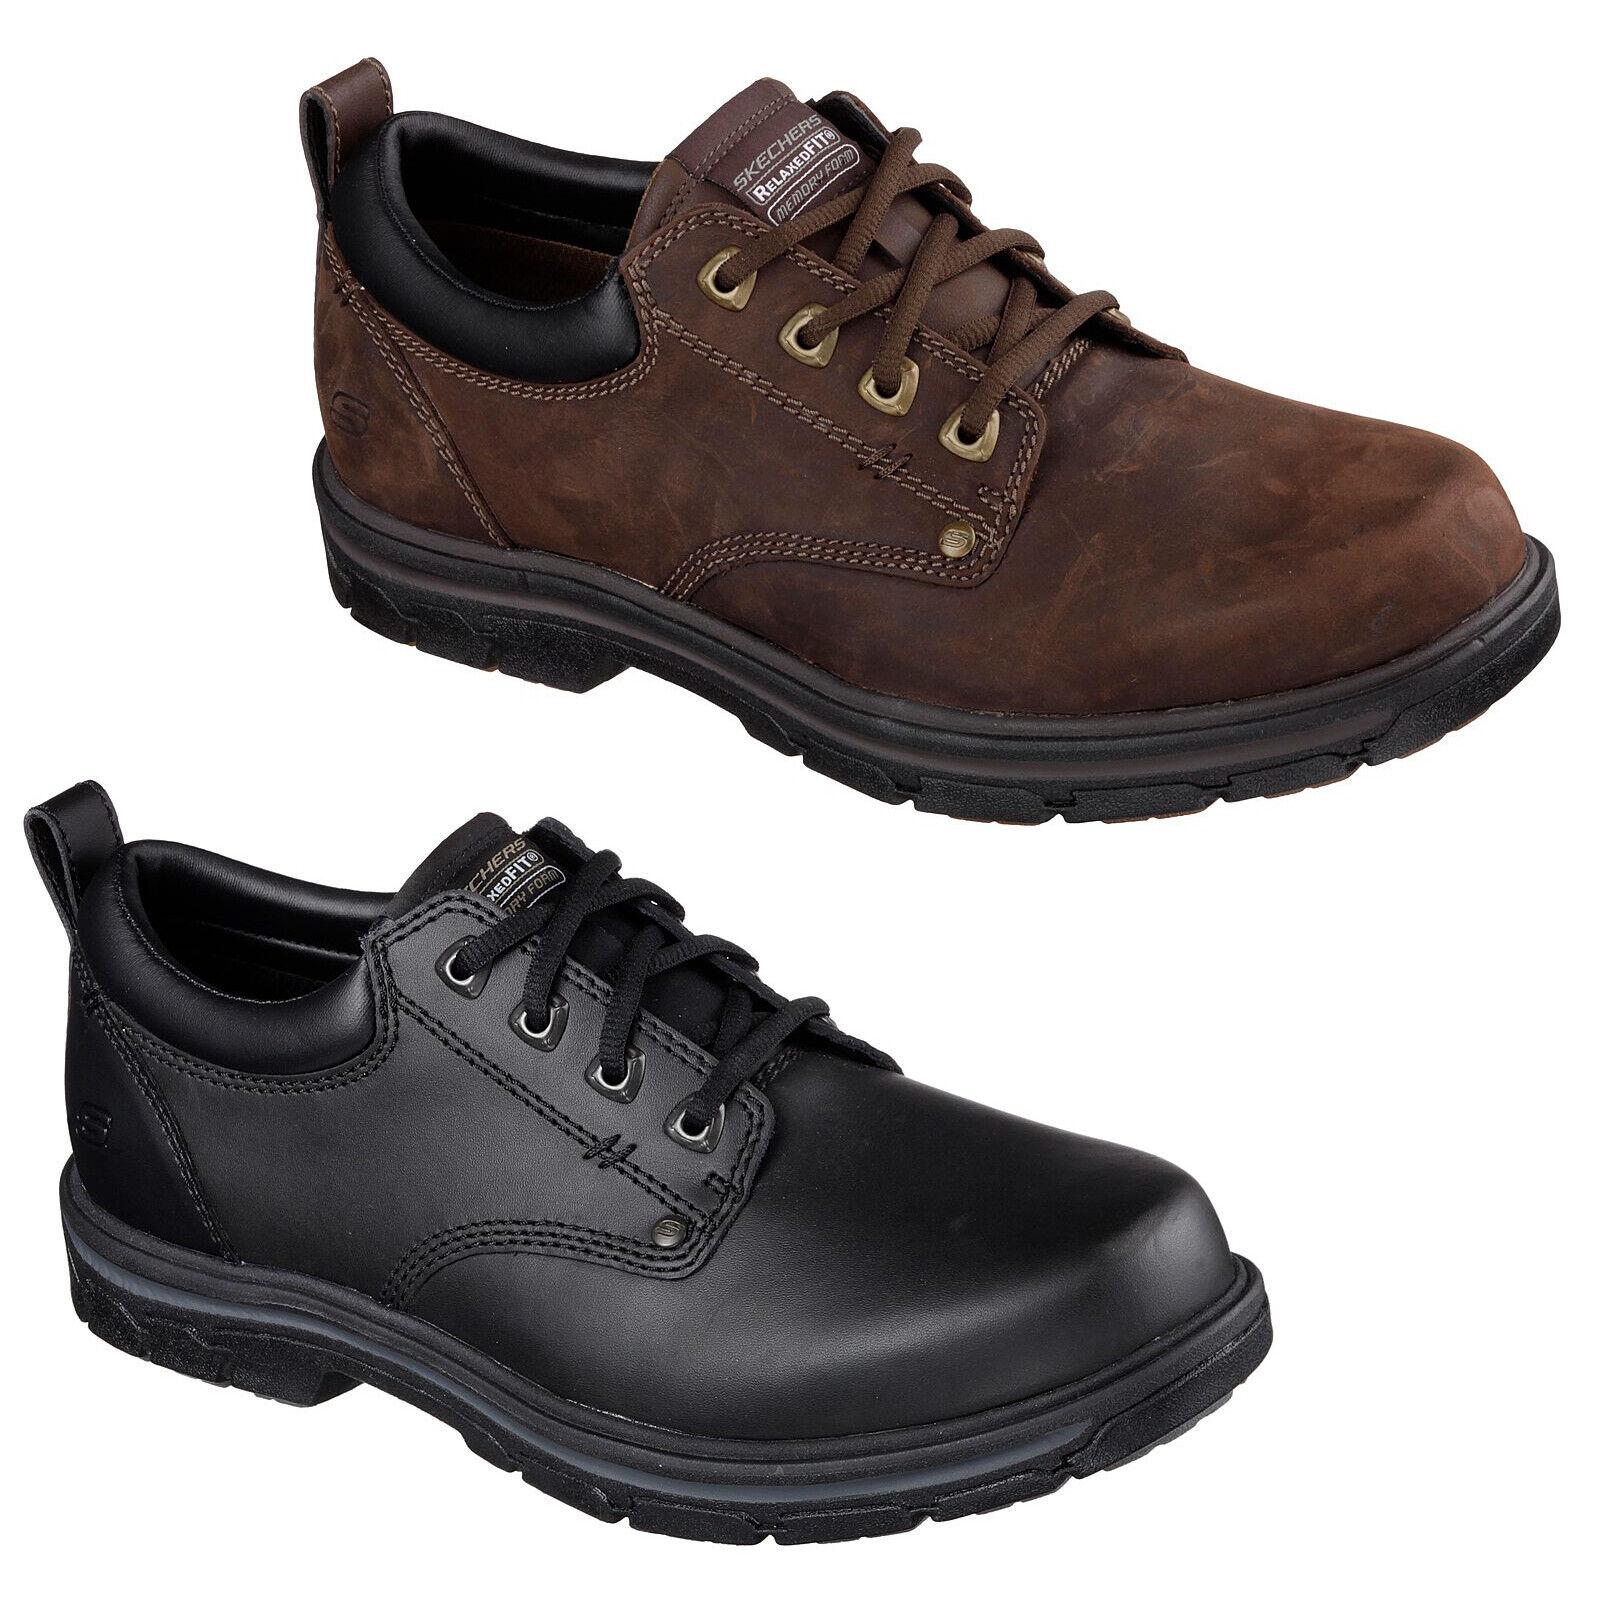 Detalles de Skechers Corte Holgado: Segmento Rilar Zapatos Cuero Hombre Encaje Oxford